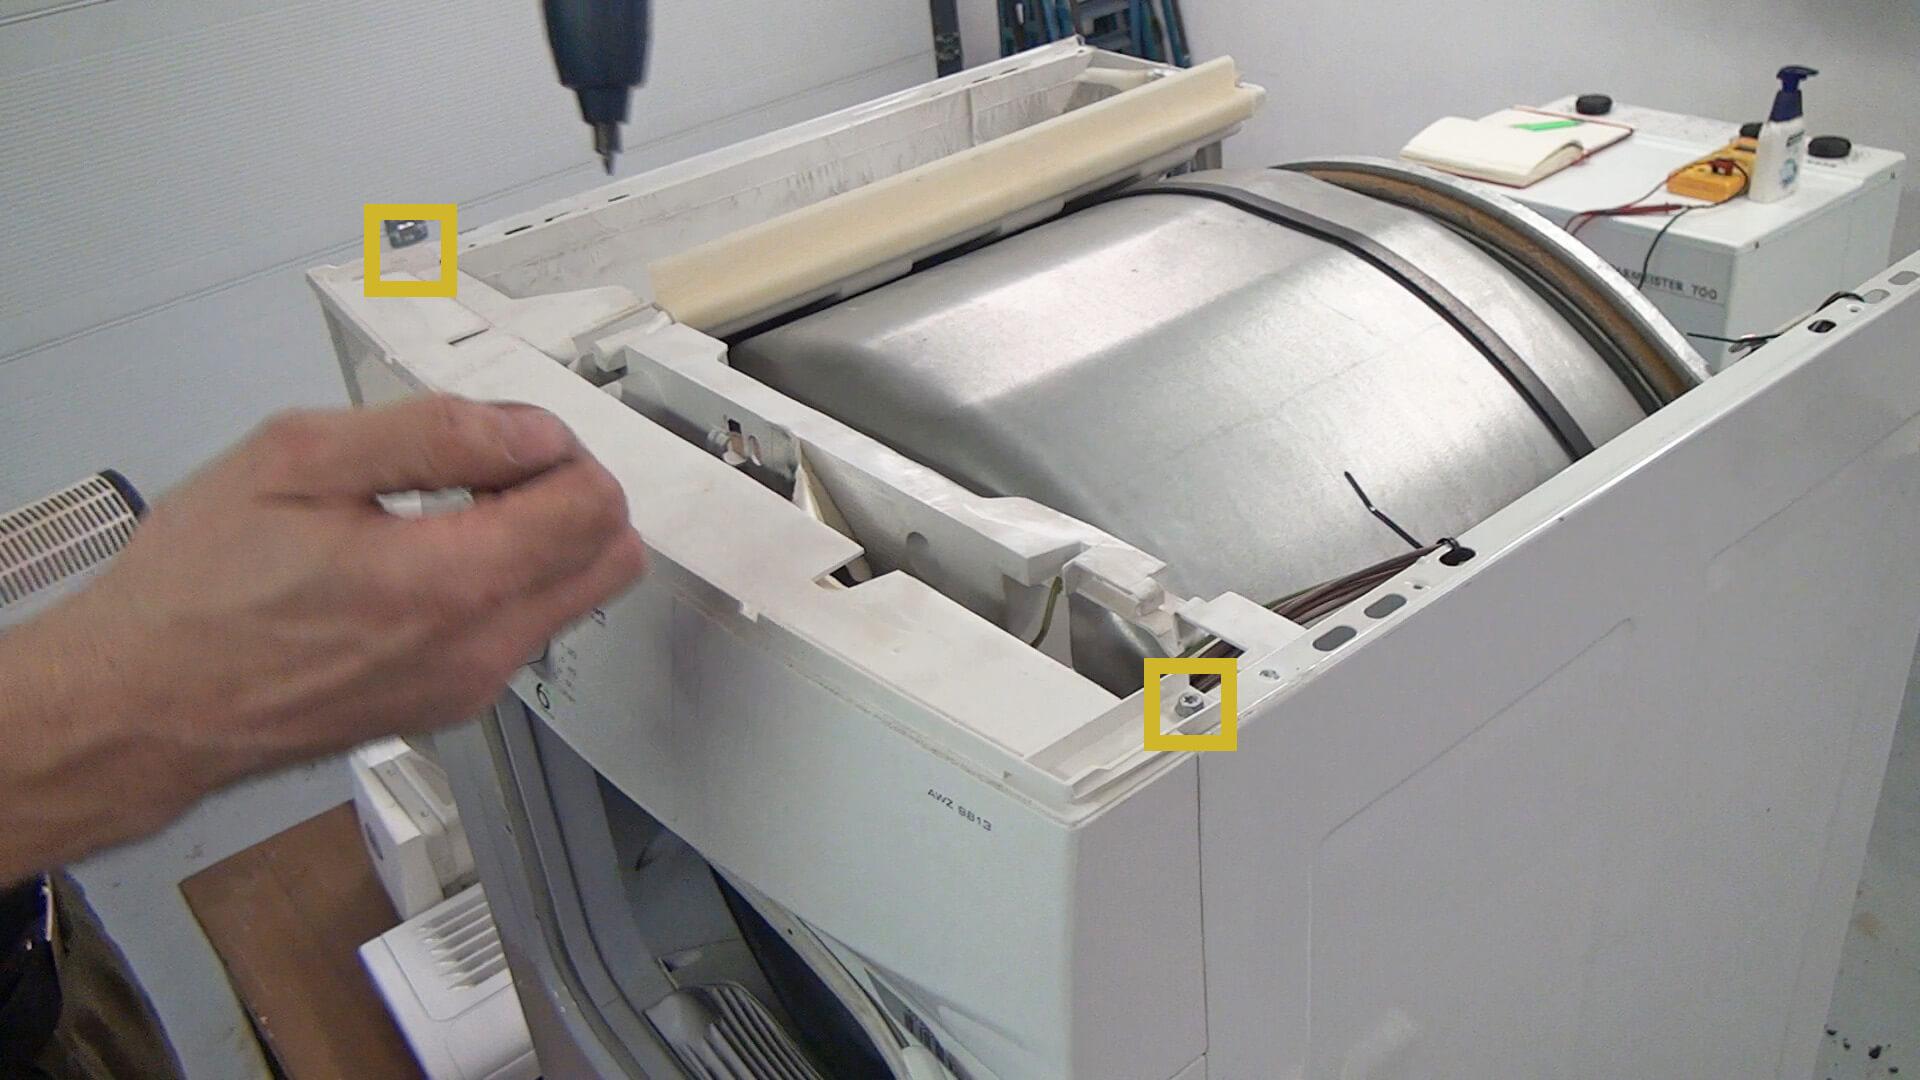 Schrauben des Bedienelements entfernen